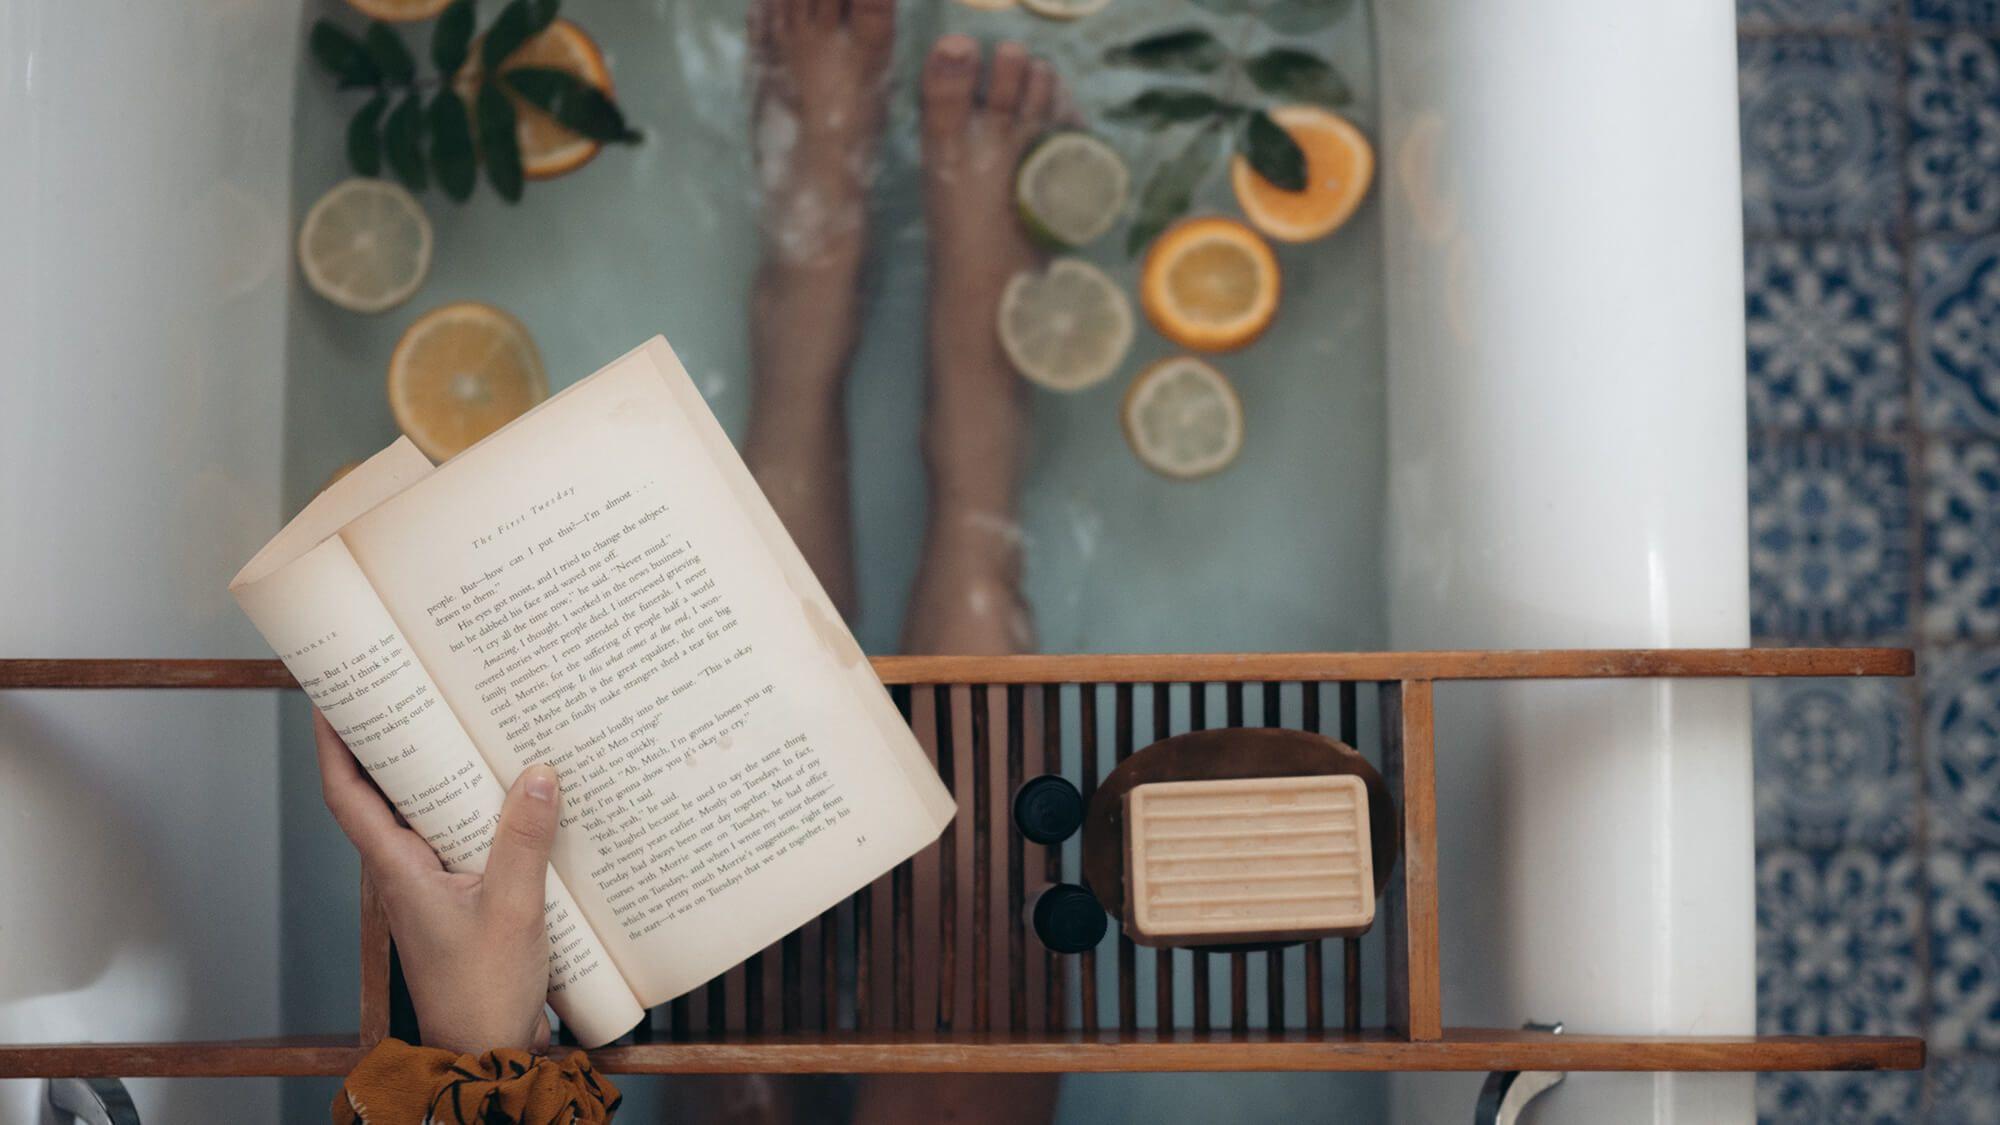 neu-blogartikel-auszeiten-badewanne